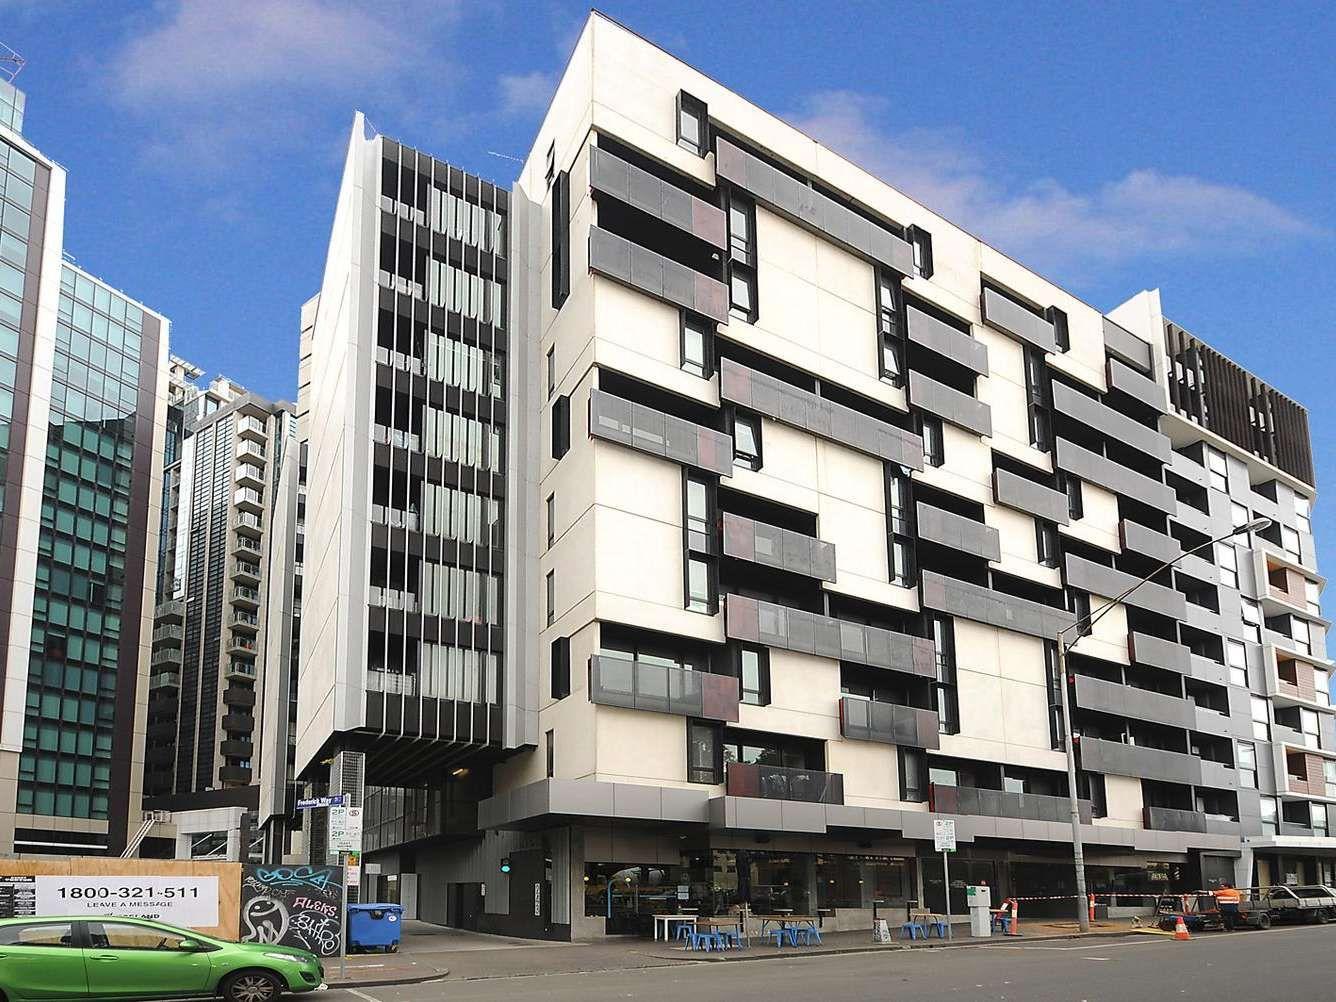 204/243 FRANKLIN STREET, Melbourne VIC 3000, Image 0